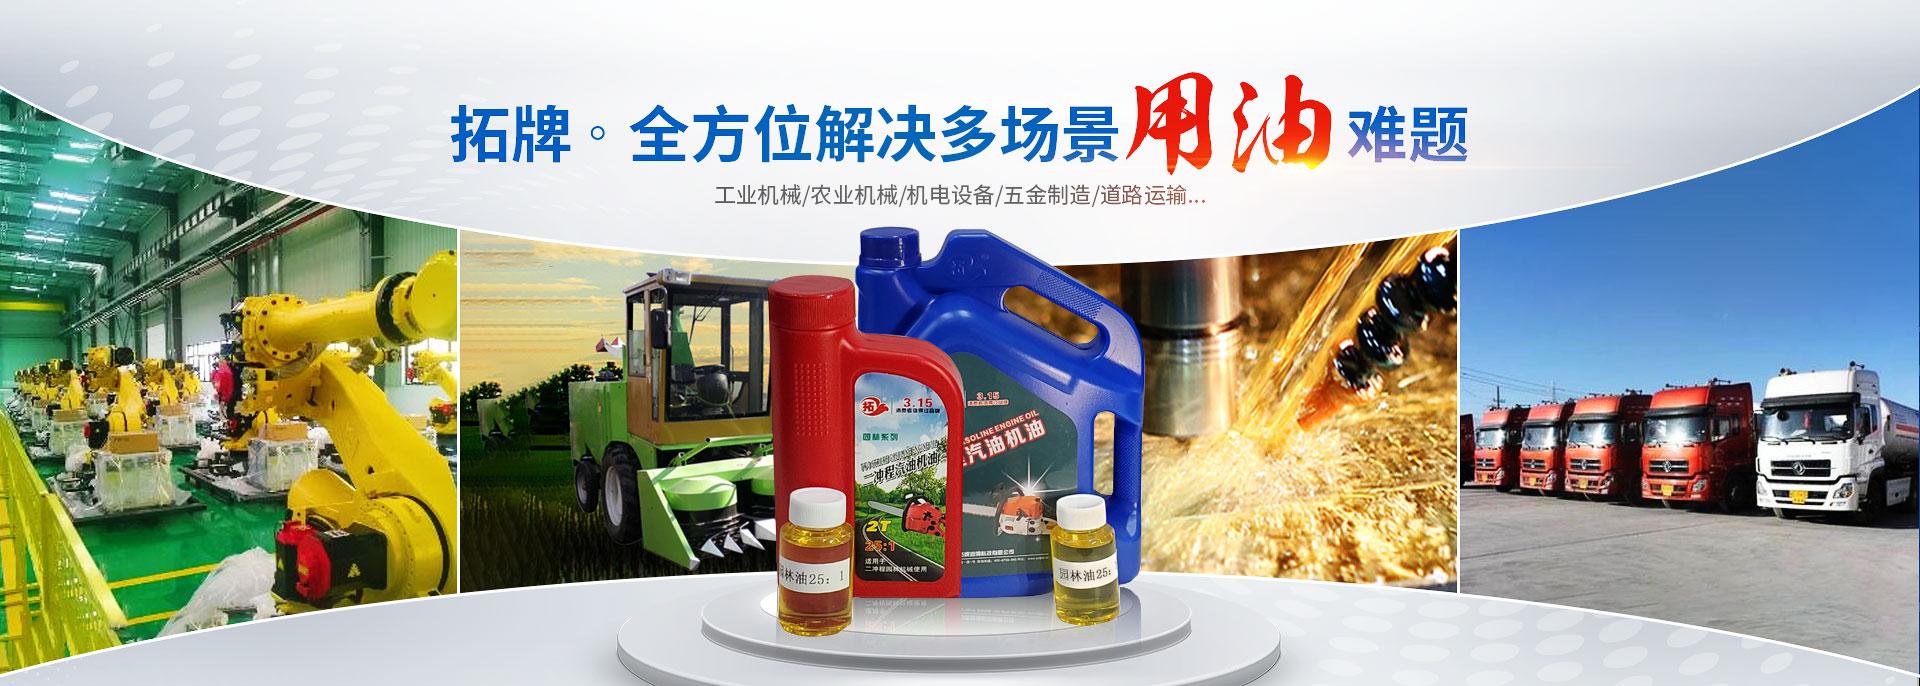 拓牌全方位解决多场景用油难题